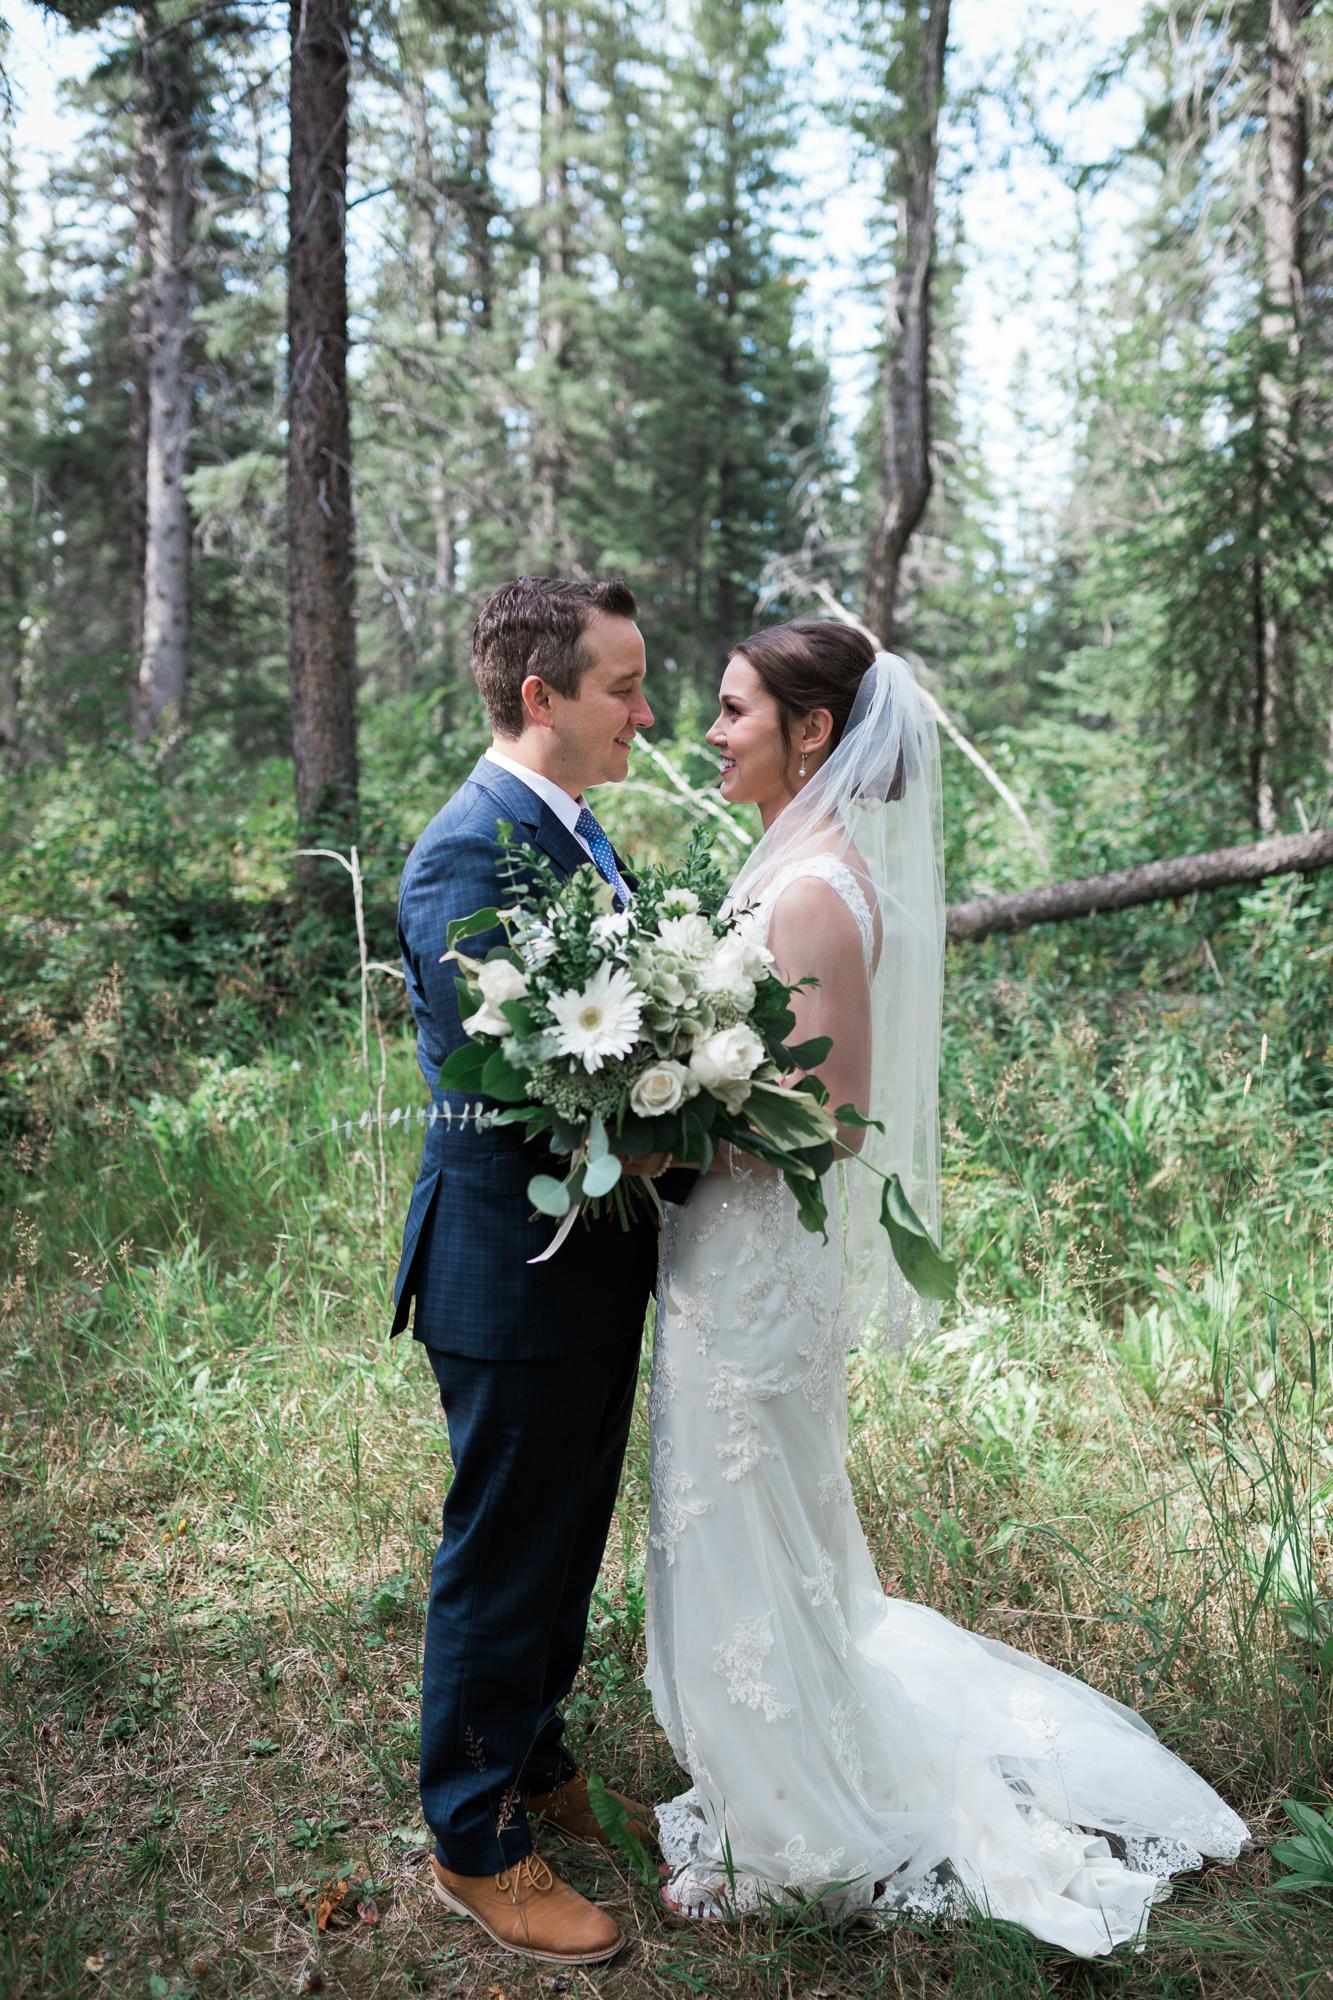 Deanna-Rachel-Photography-calgary-Wedding-photographer-jm-26.jpg